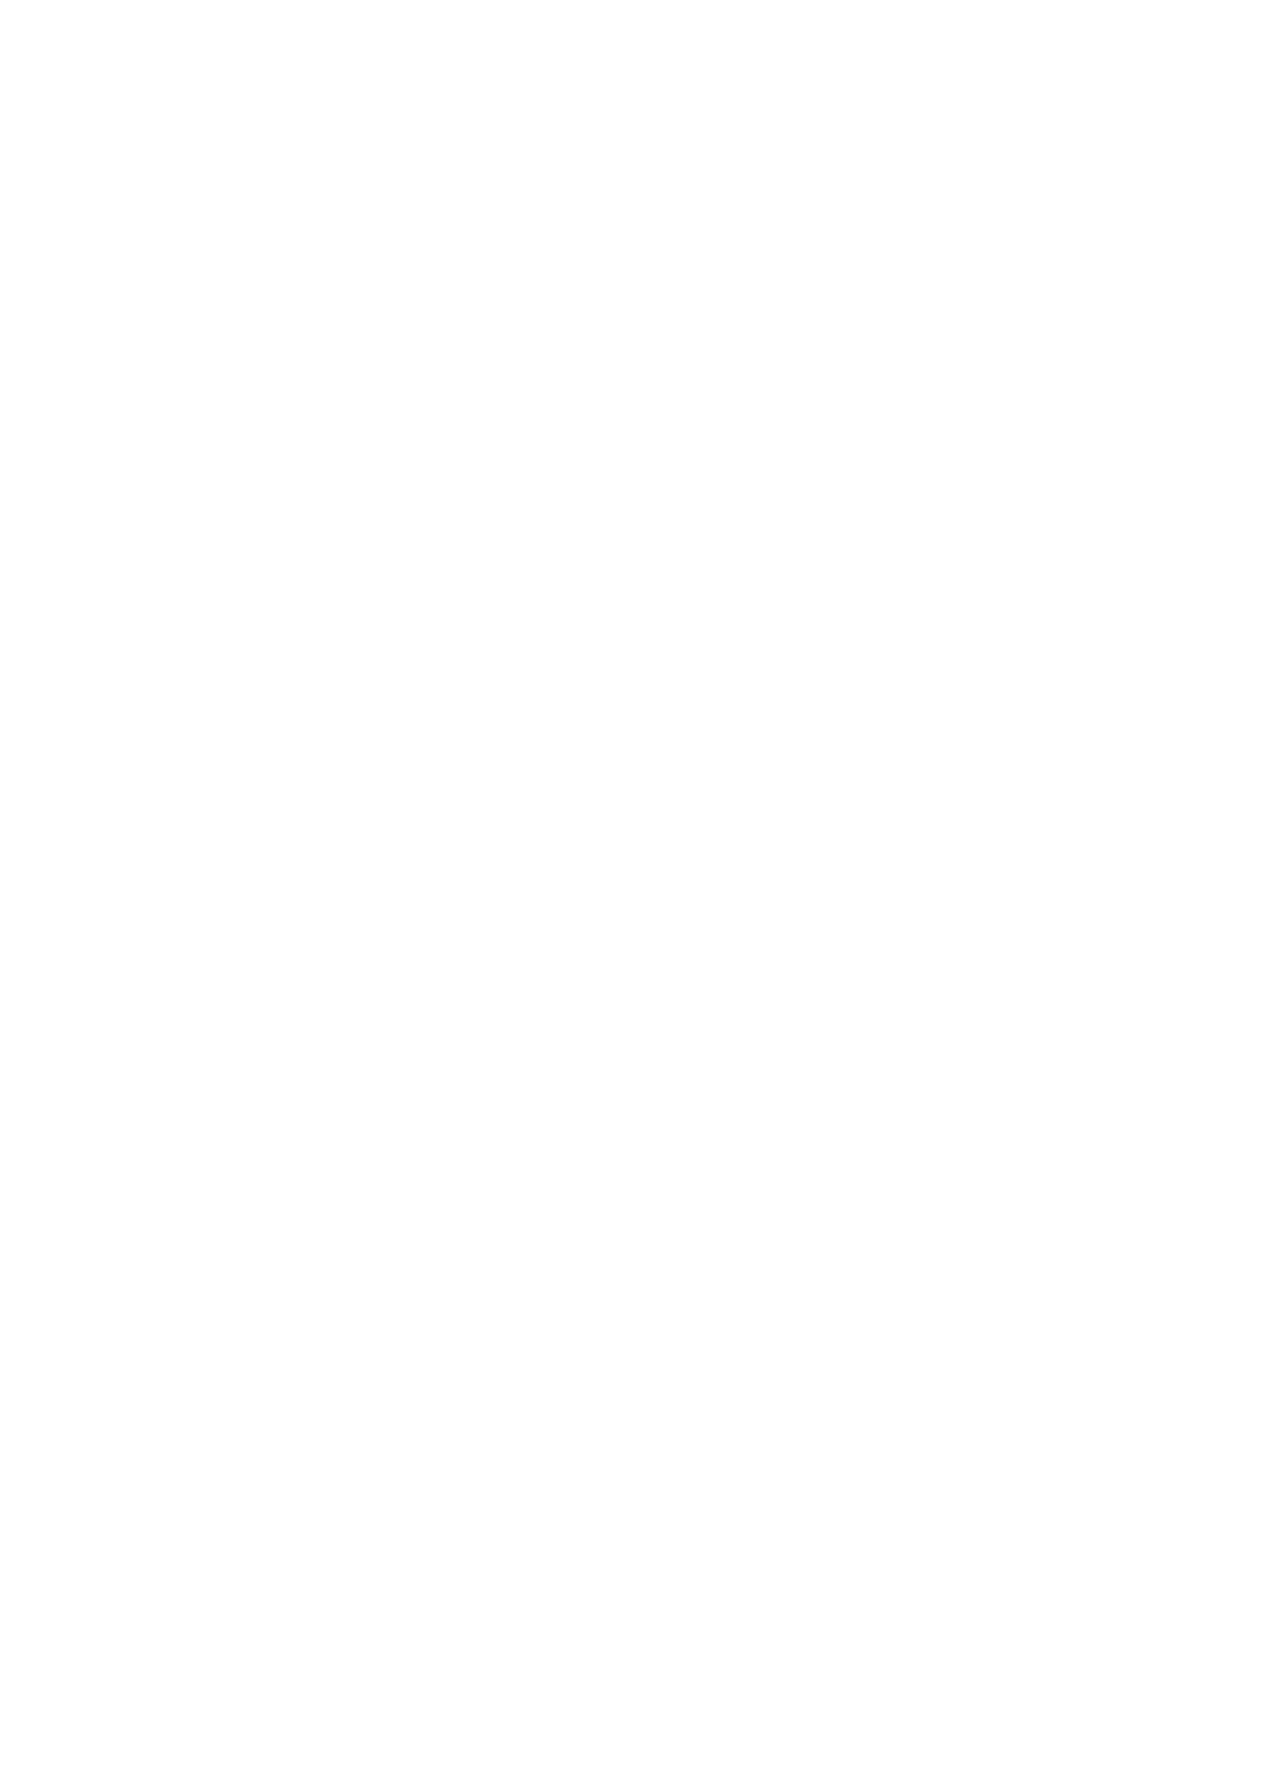 巨乳委員長のマンコ受難 ~触手ロストバージン&輪姦修学旅行~【中国語版】RJ264302 2